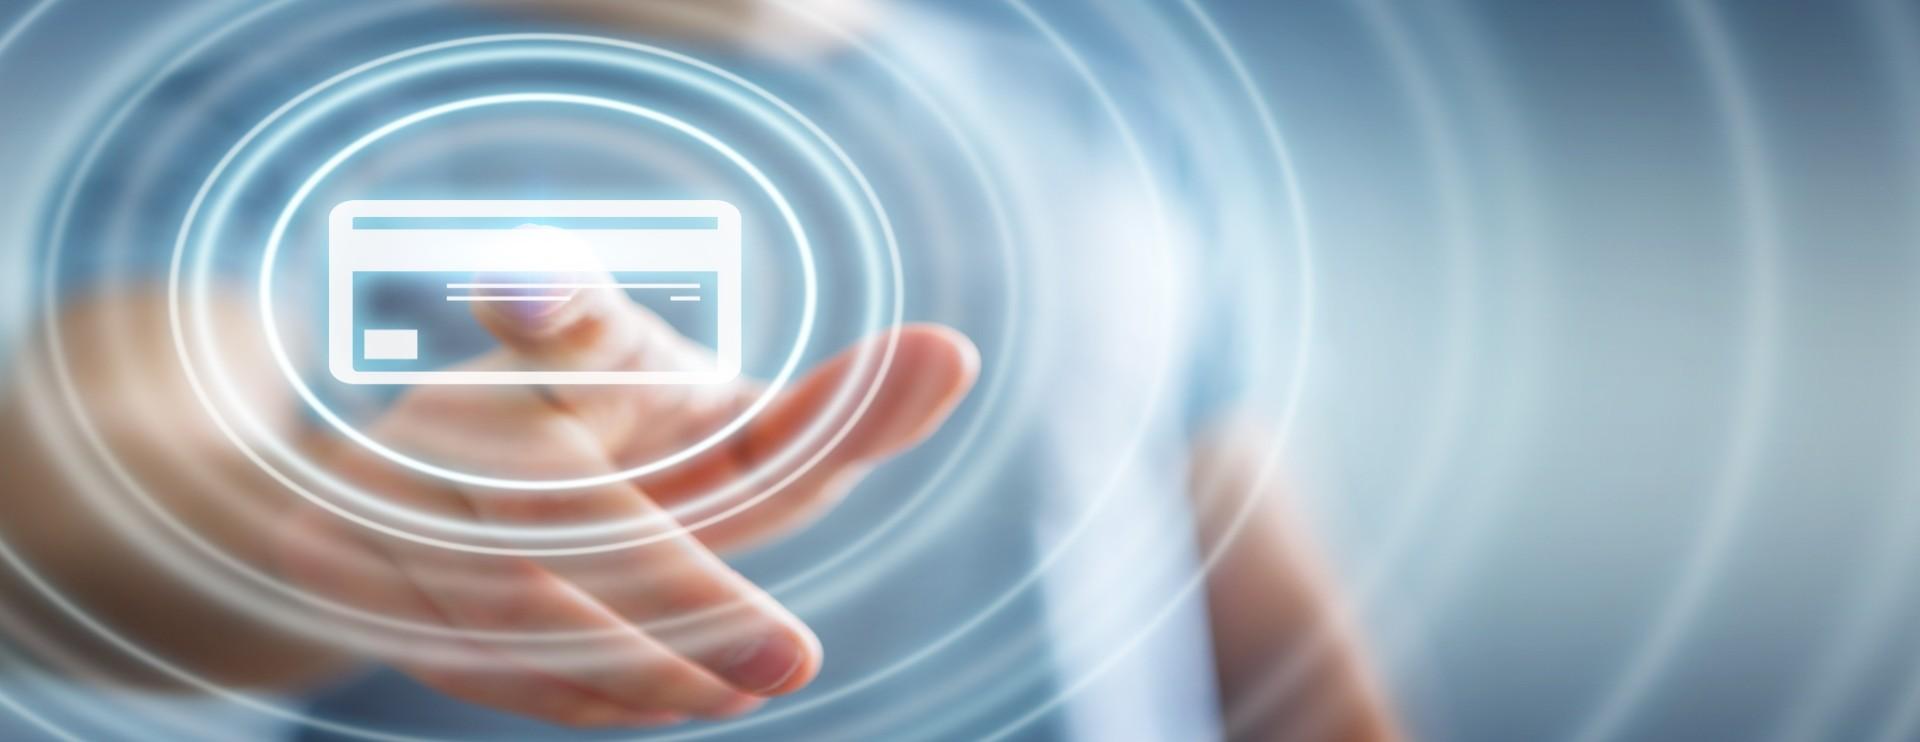 Carta di credito digitale premuta su uno schermo virtuale